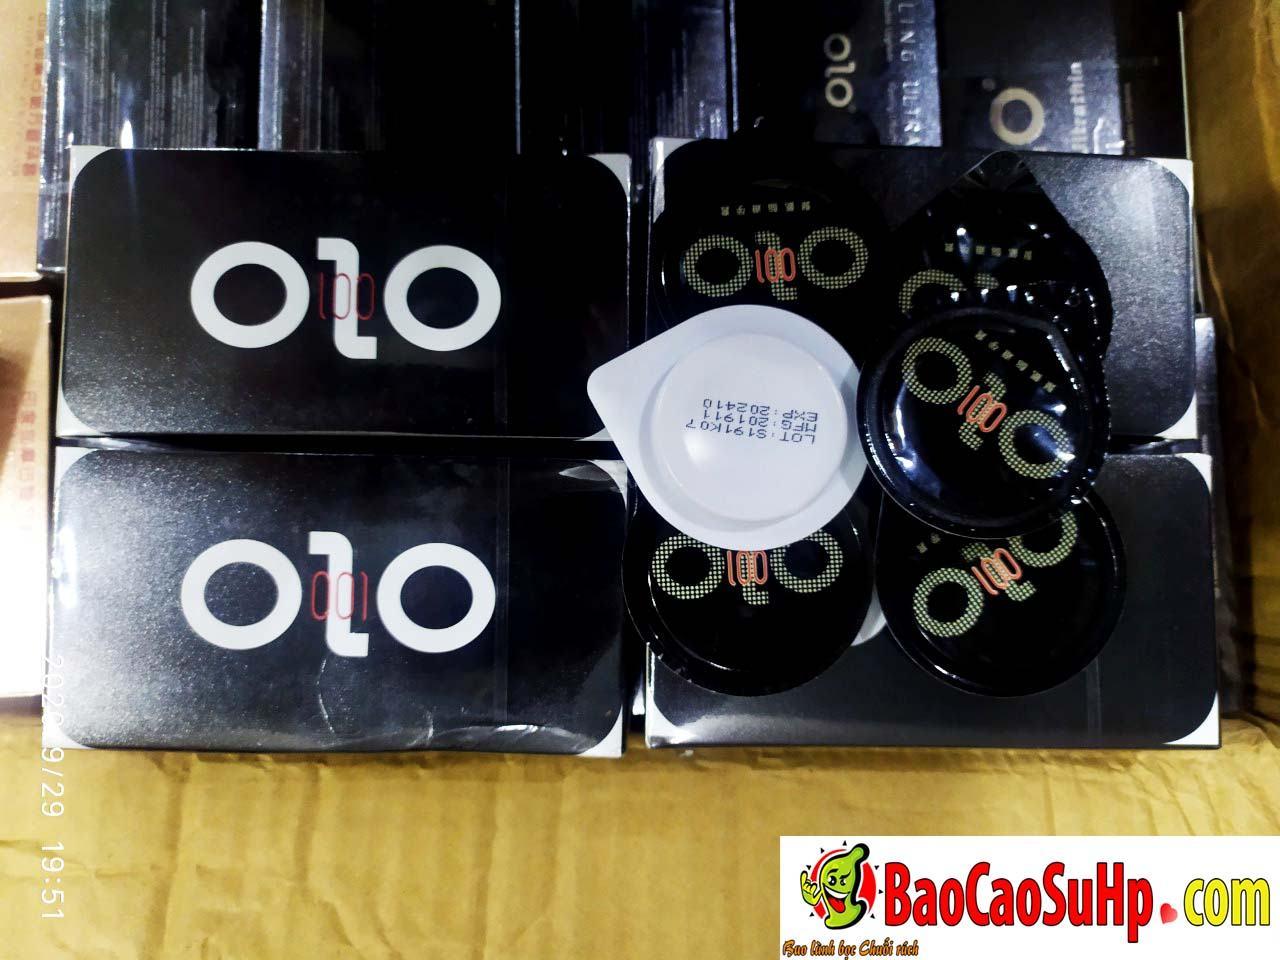 bao cao su olo 001 polyete - Bao cao su Prenium siêu mỏng polyurethane 0,01 Olo